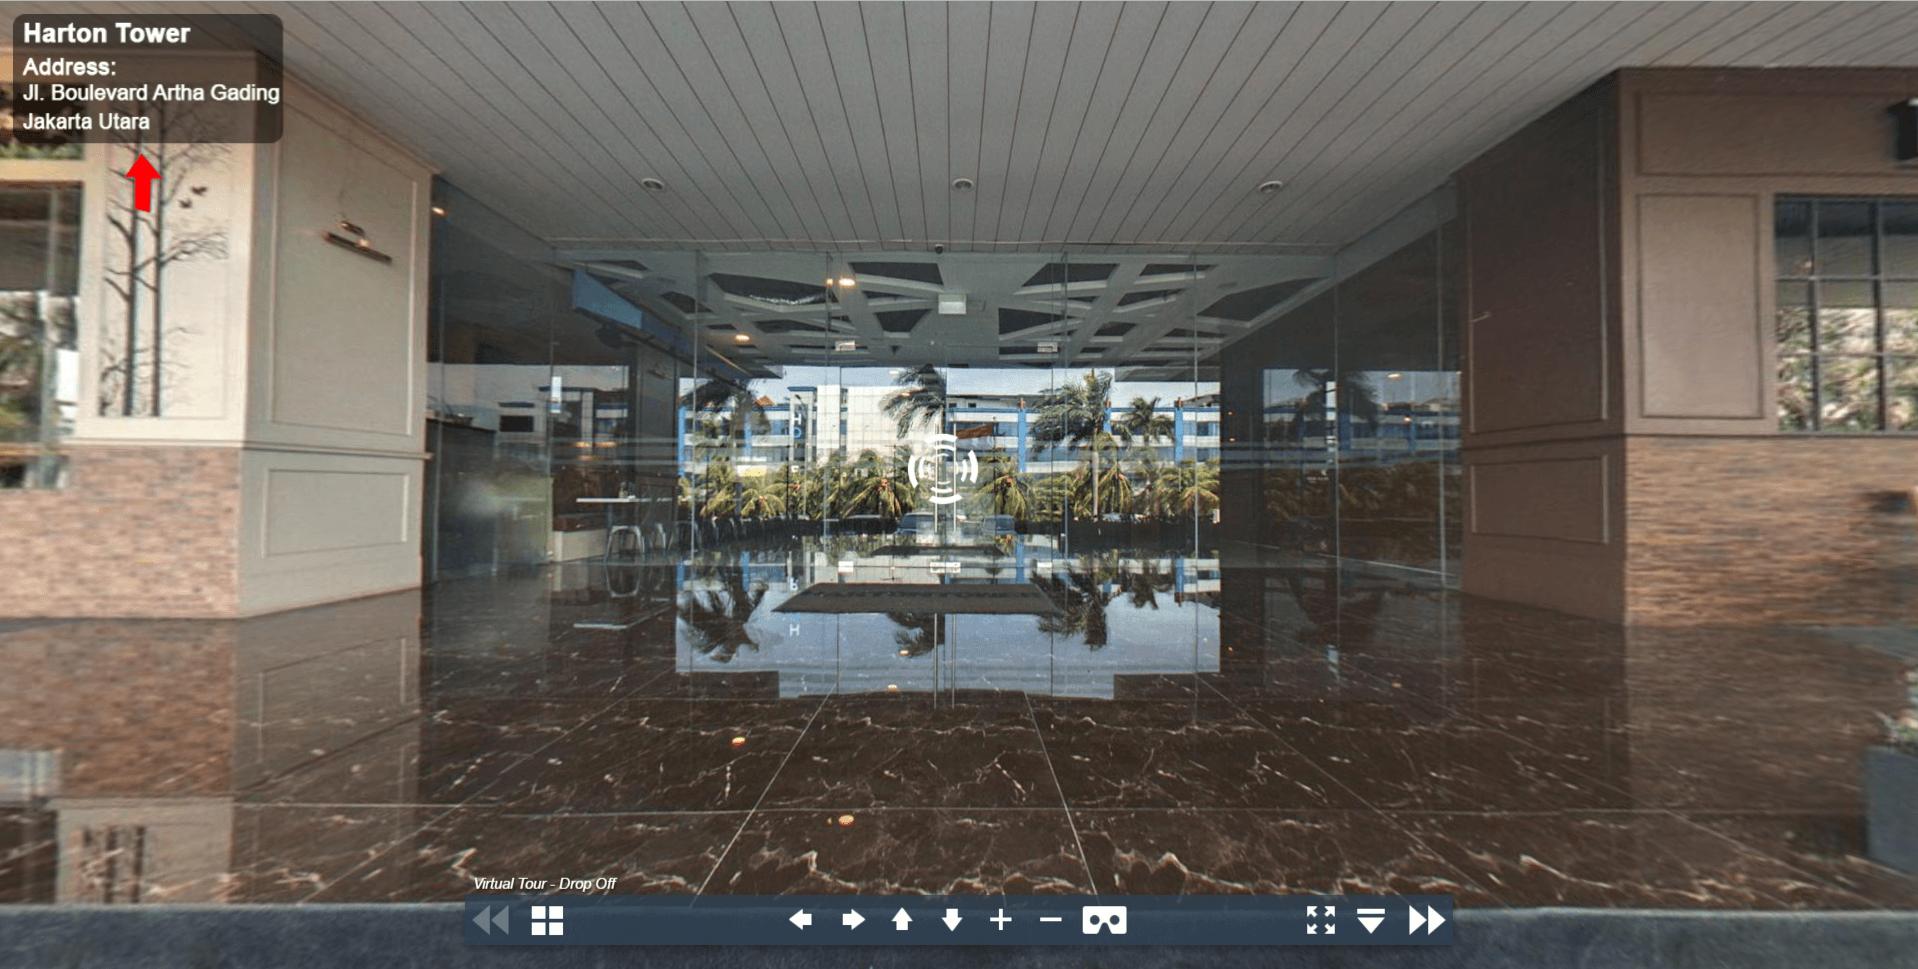 Sewa Kantor Gedung Harton Tower Jakarta utara Kelapa Gading  Jakarta Virtual Reality